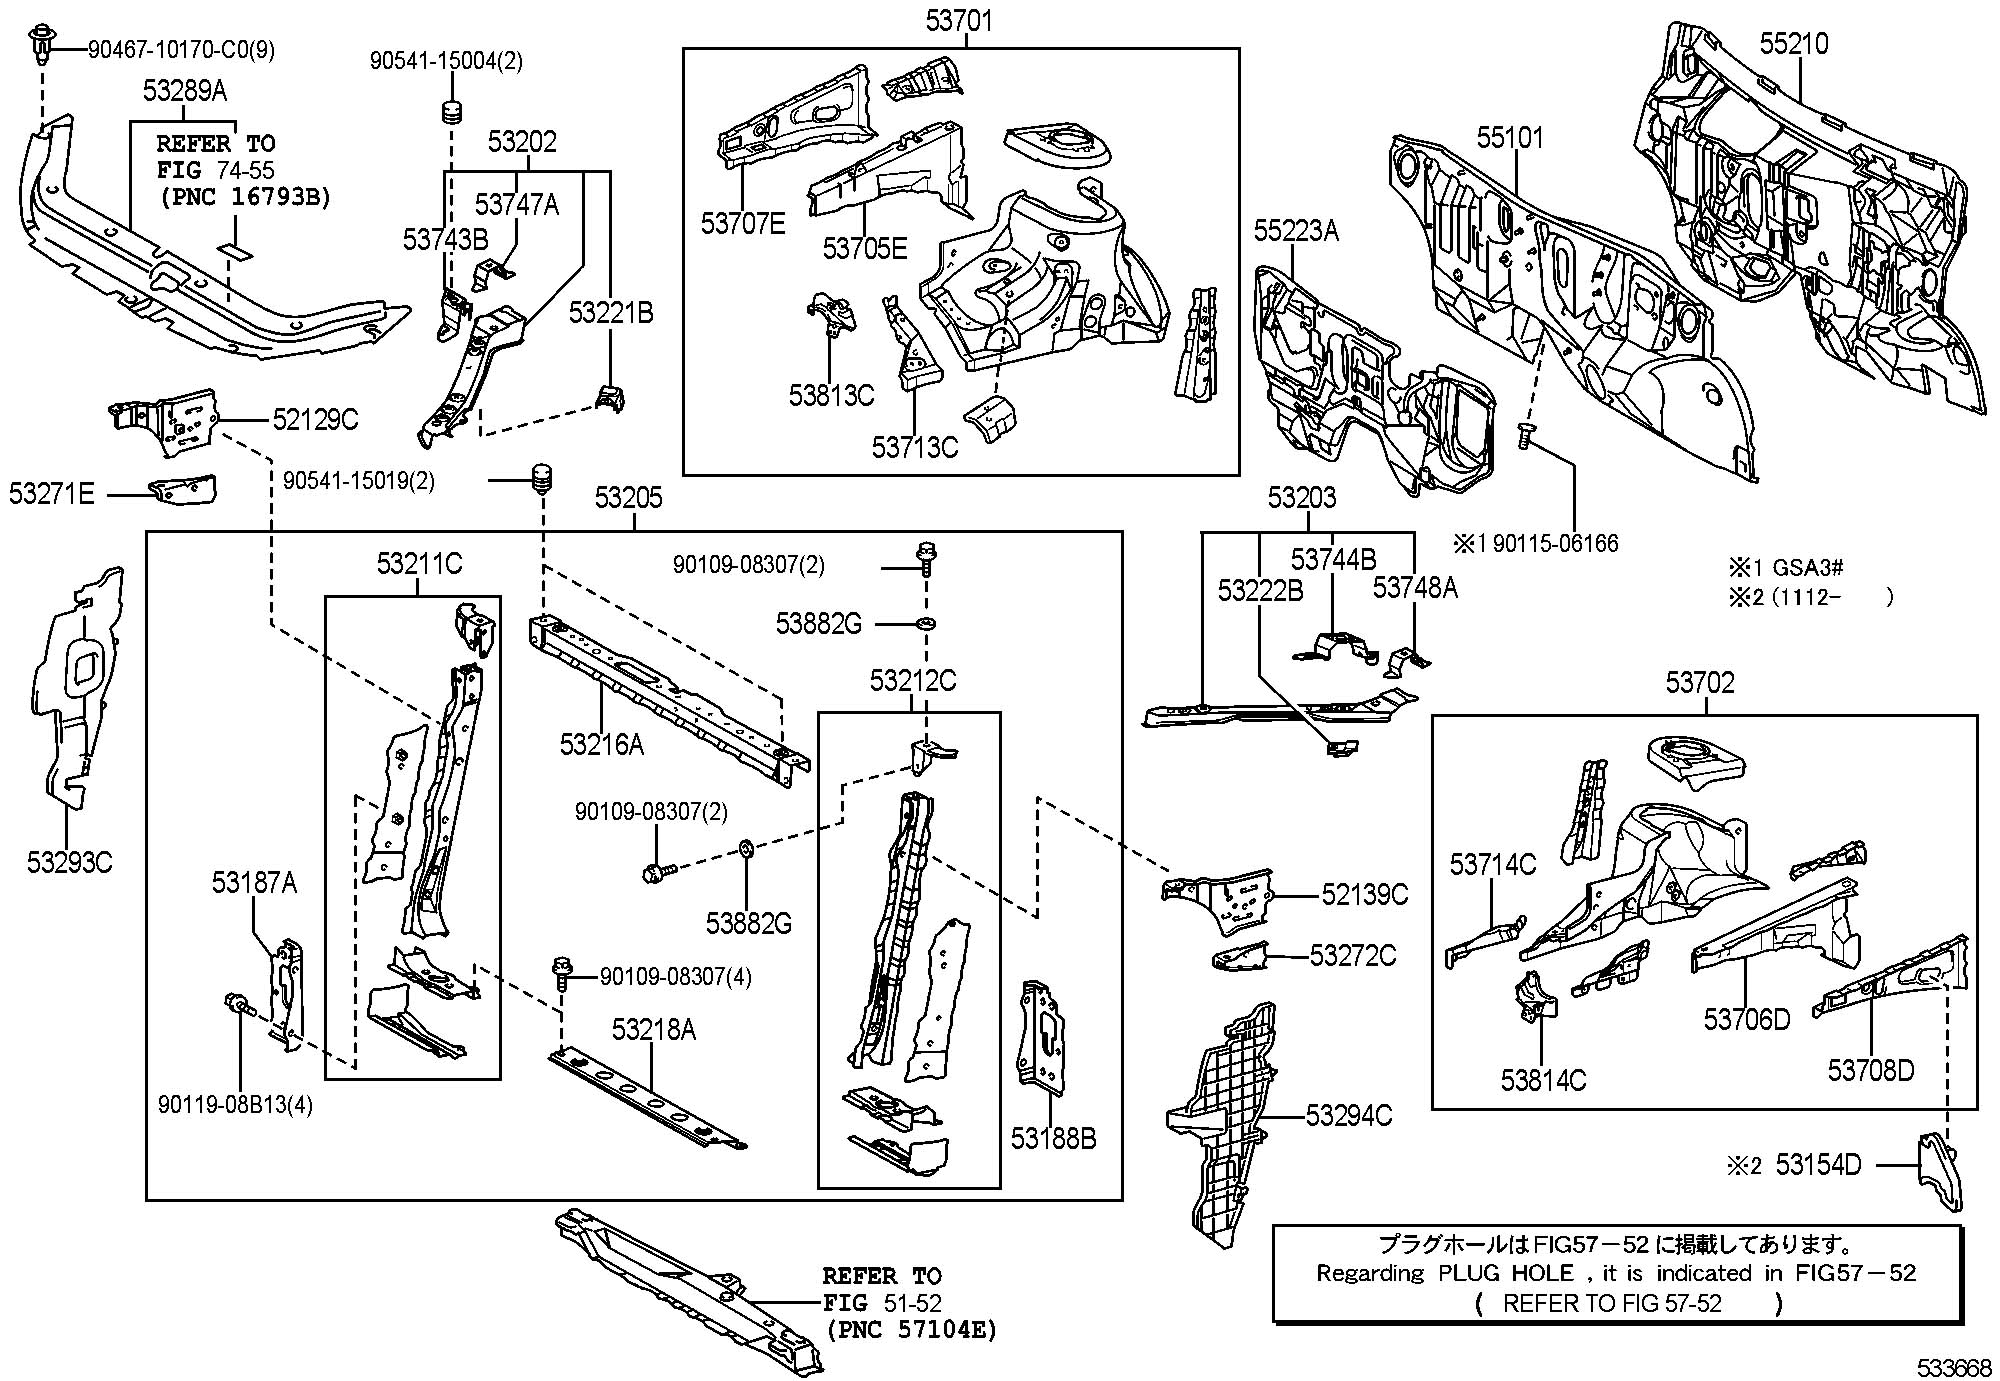 2008 toyota tacoma front bumper parts diagram html